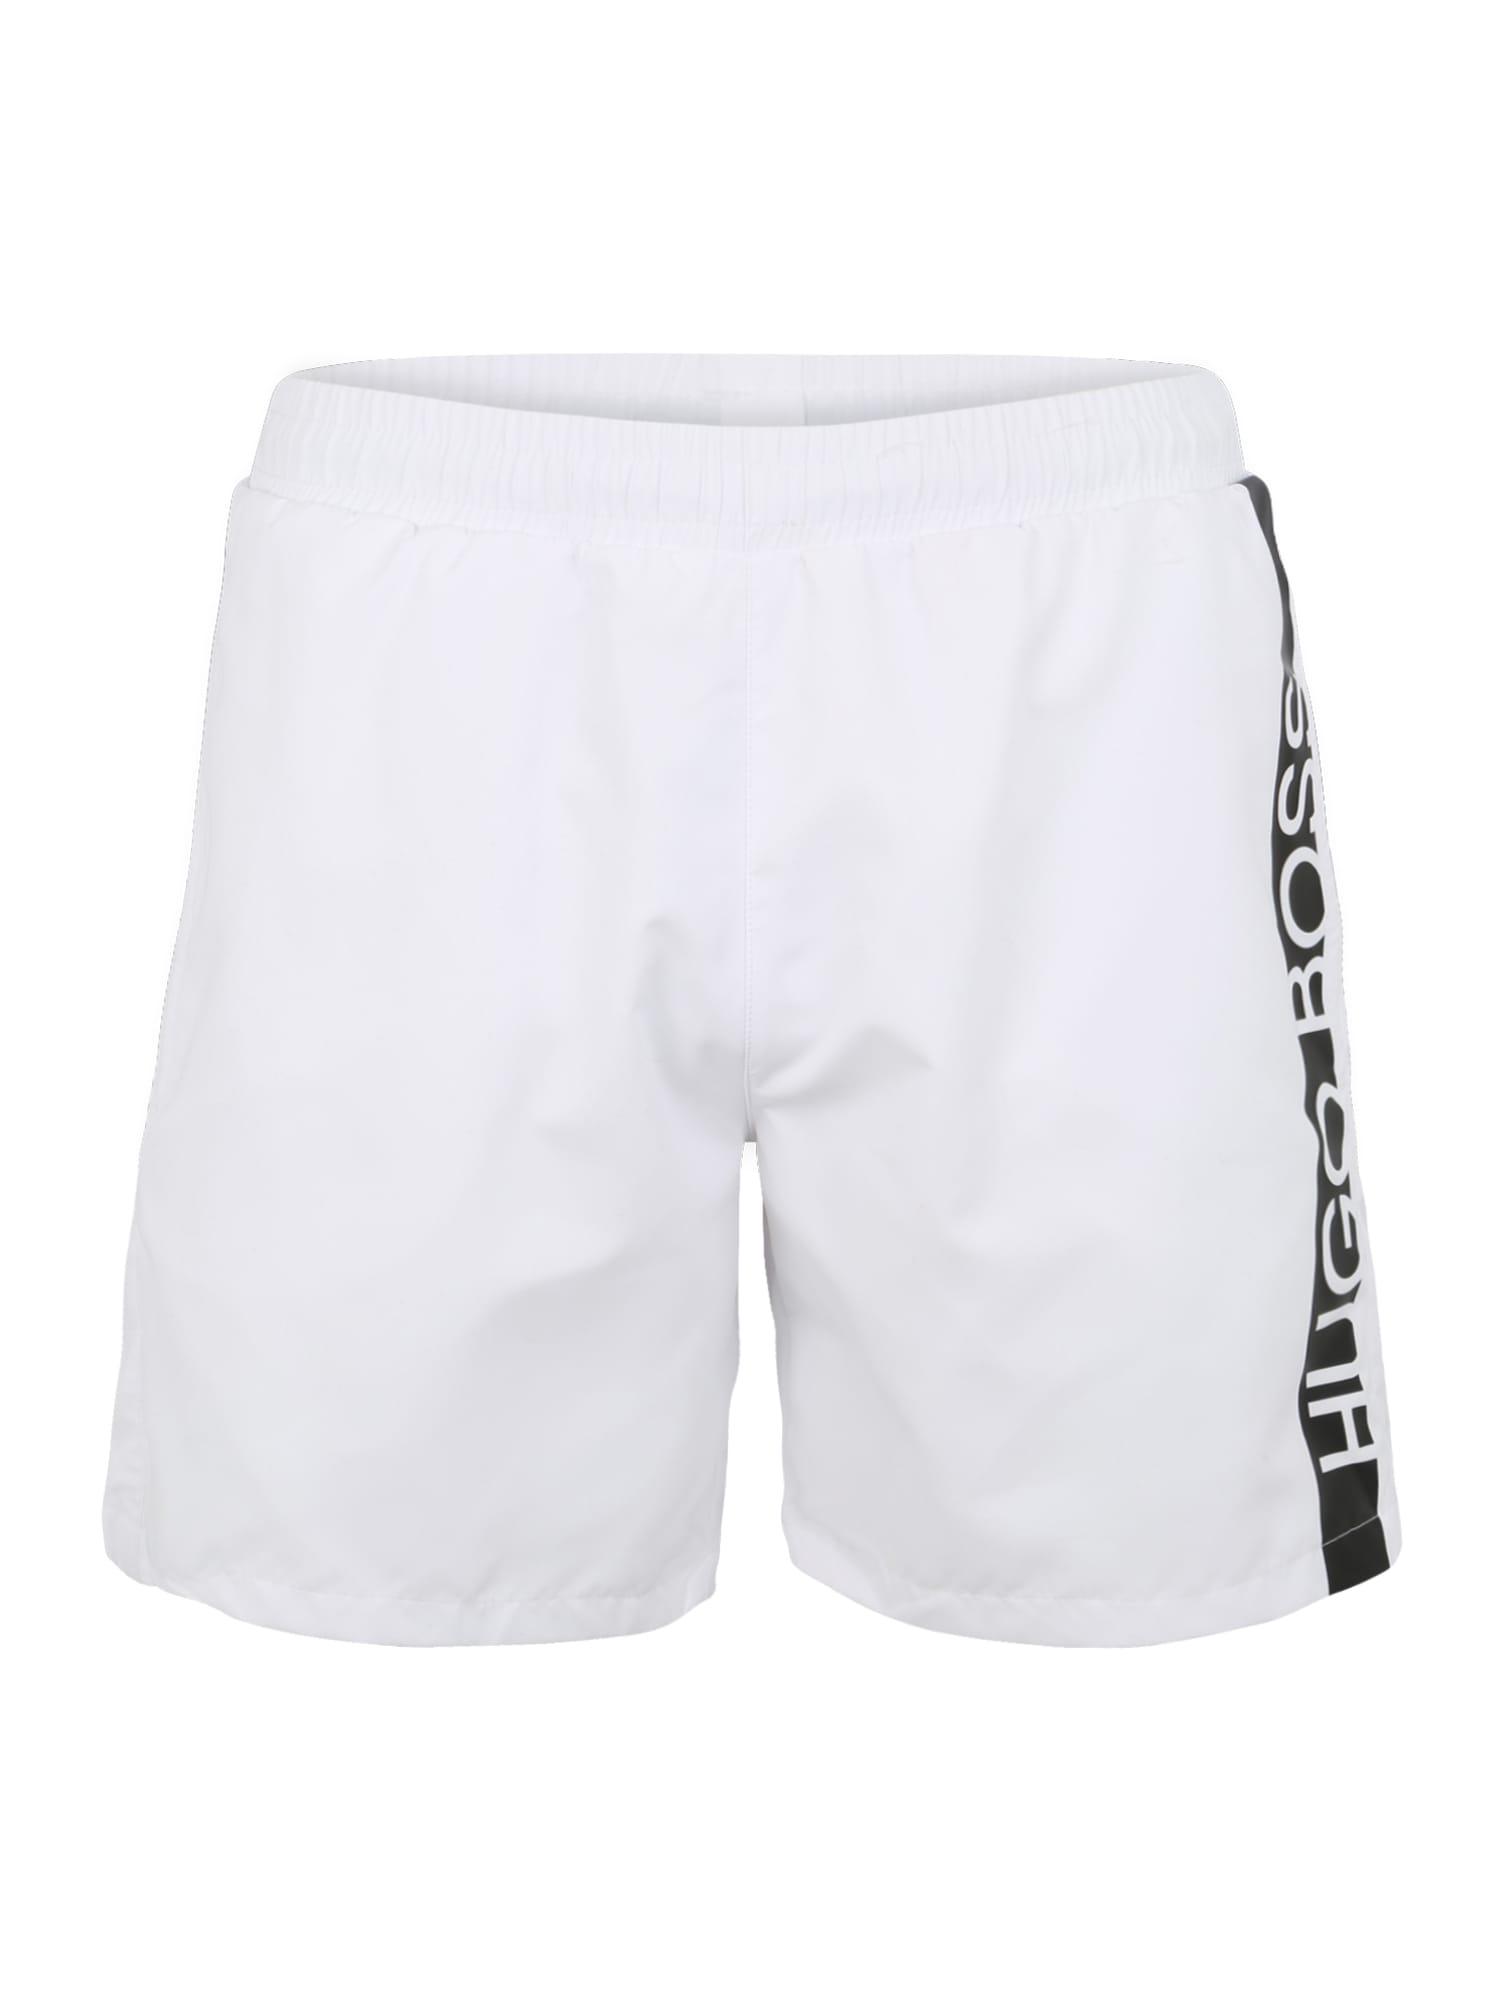 Plavecké šortky Dolphin 10180964 02 černá bílá BOSS